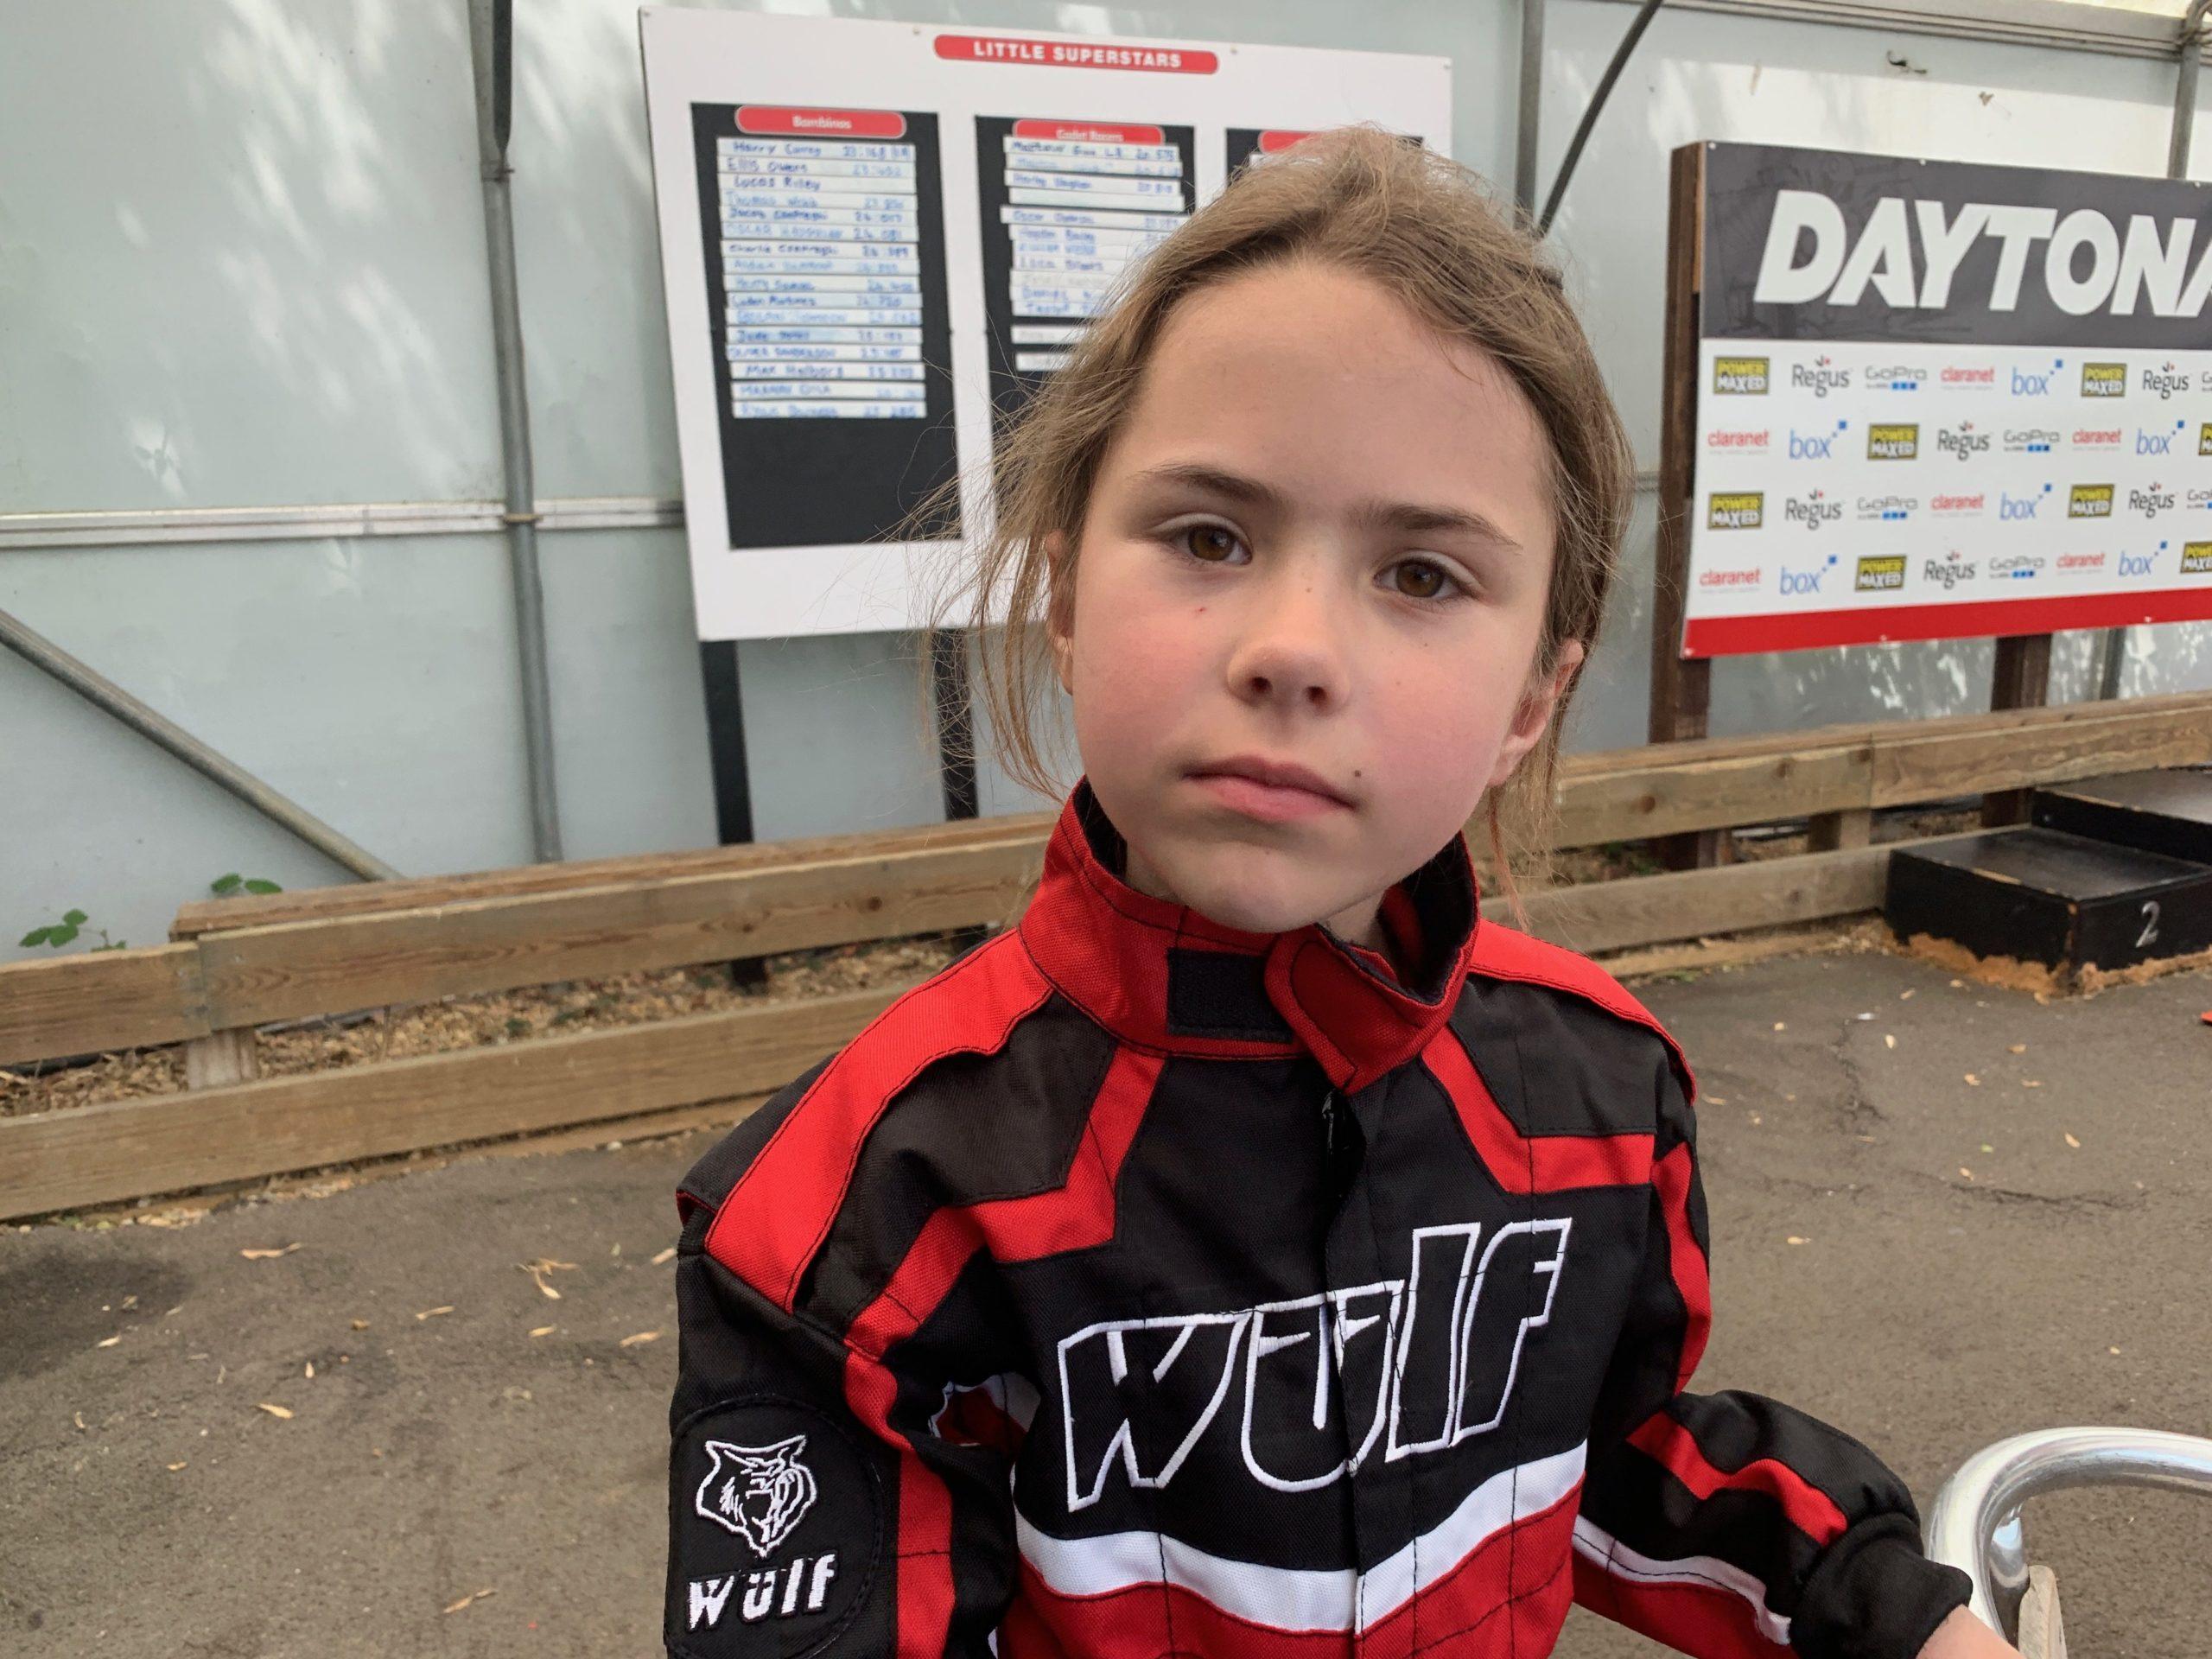 Evie Segebrecht in racing jumpsuit at Daytona